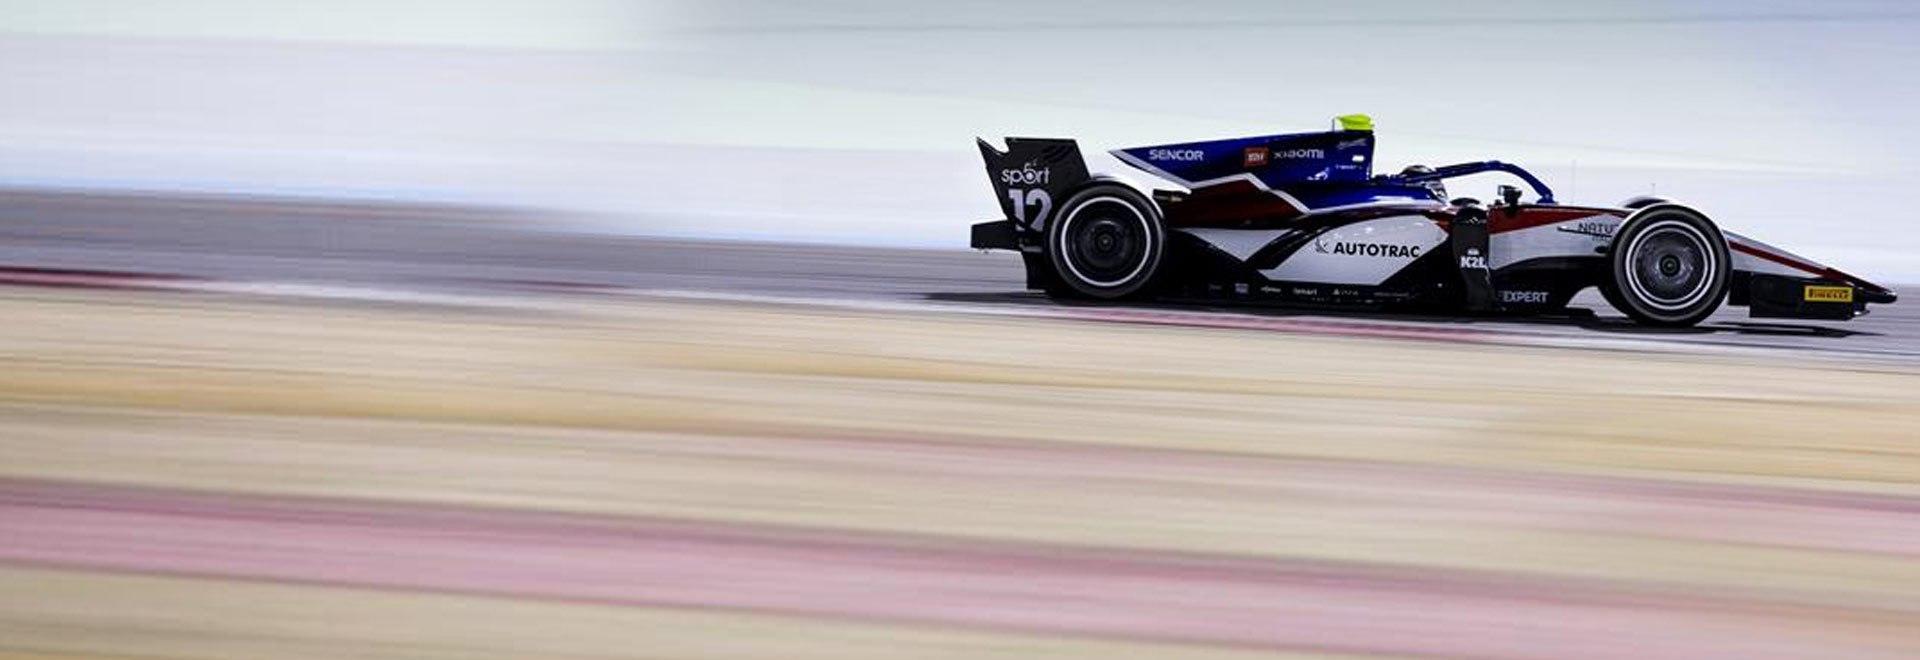 GP Bahrain. PL